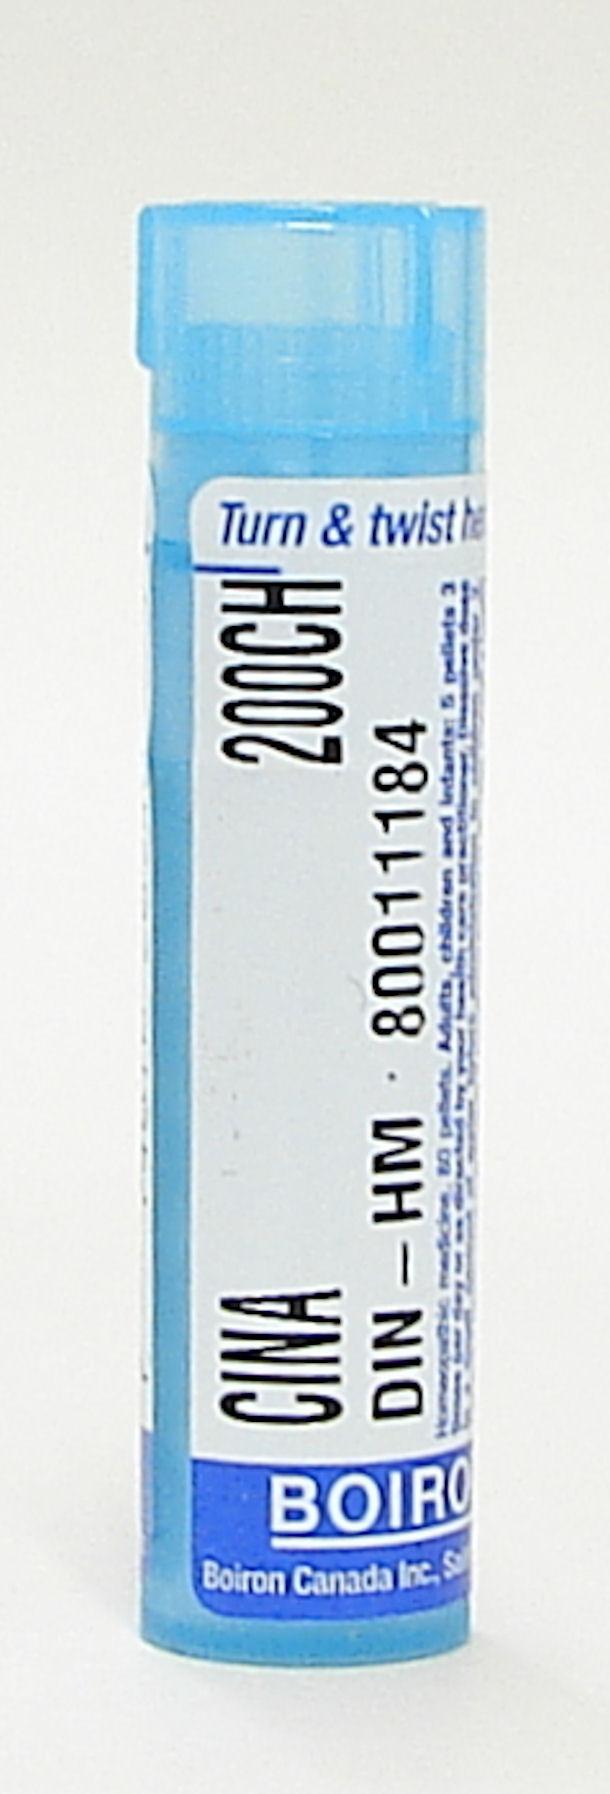 Cina 200ch sublingual pellets (Boiron)